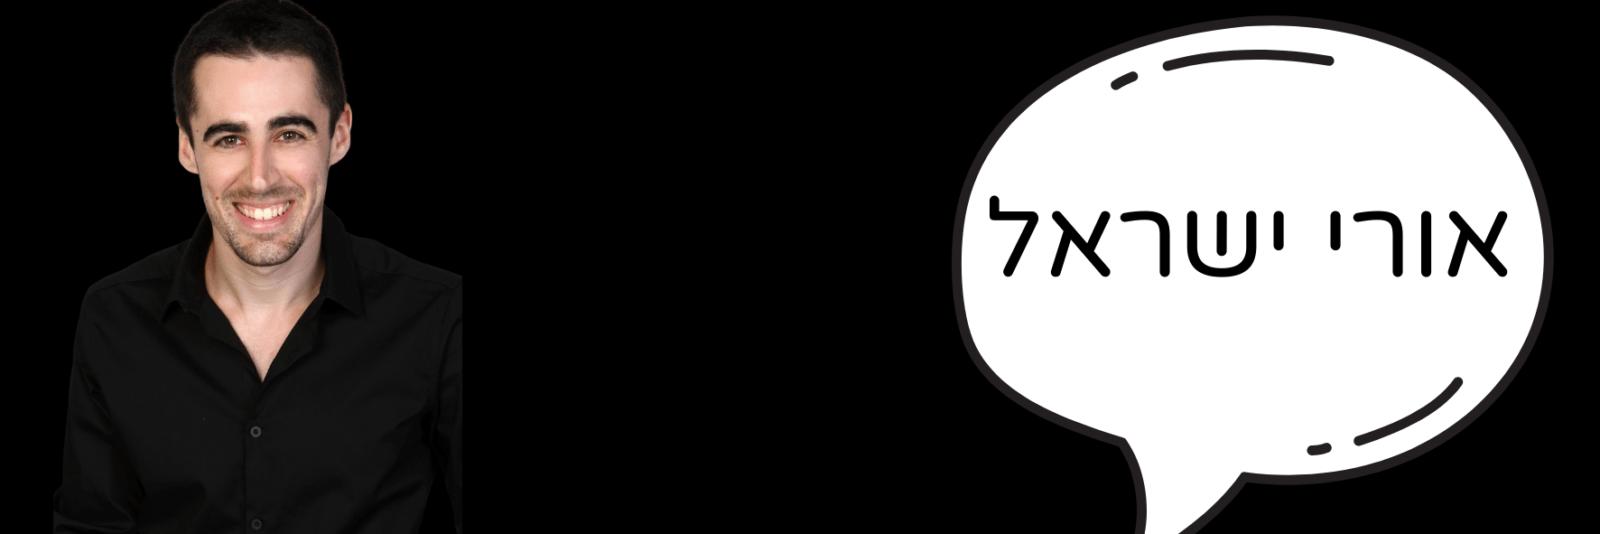 מיהו אורי ישראל